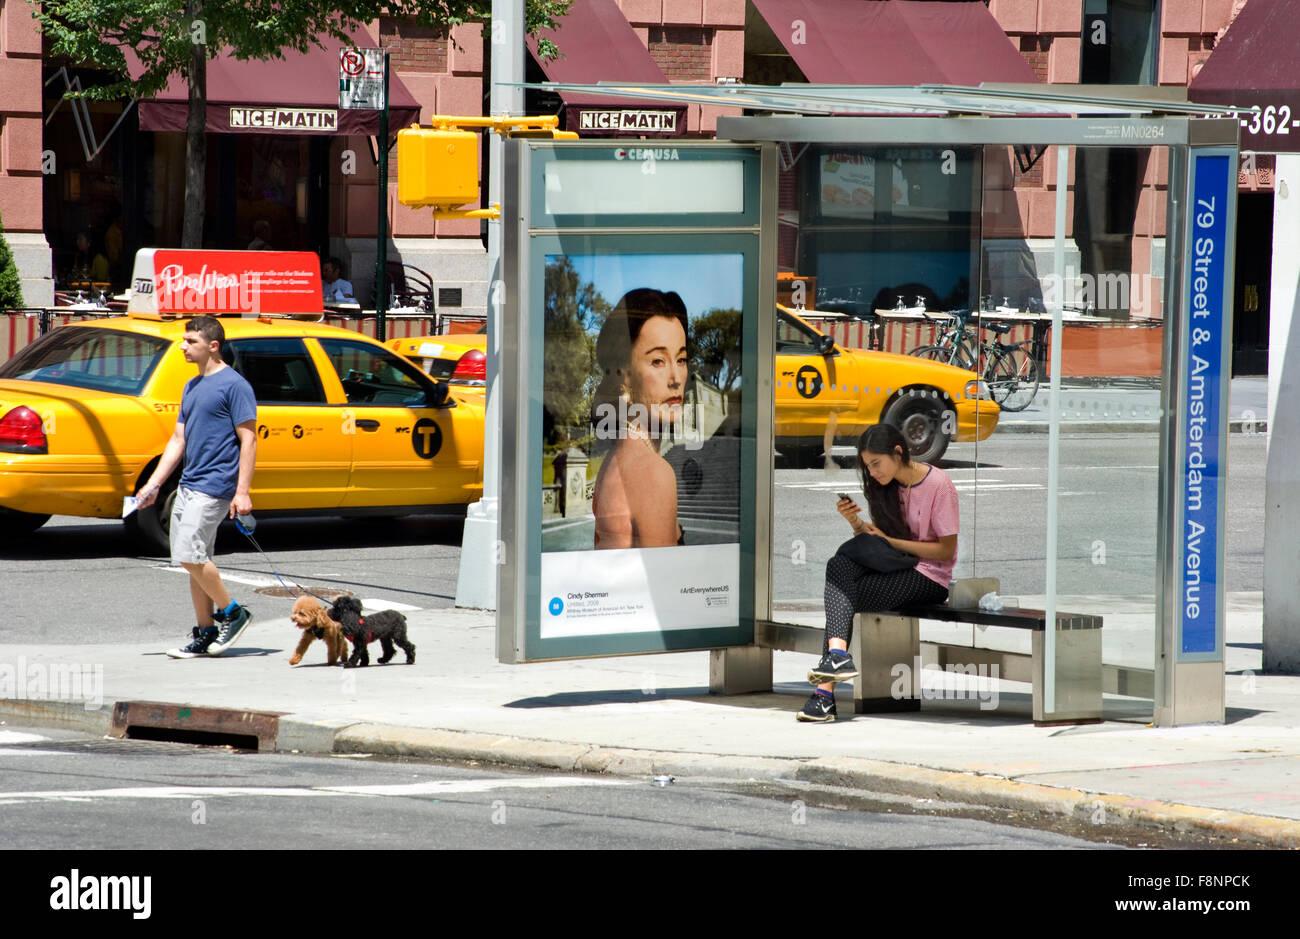 Cindy Sherman Fine Art Foto ist auf einem Bus Shelter Werbetafel in ...